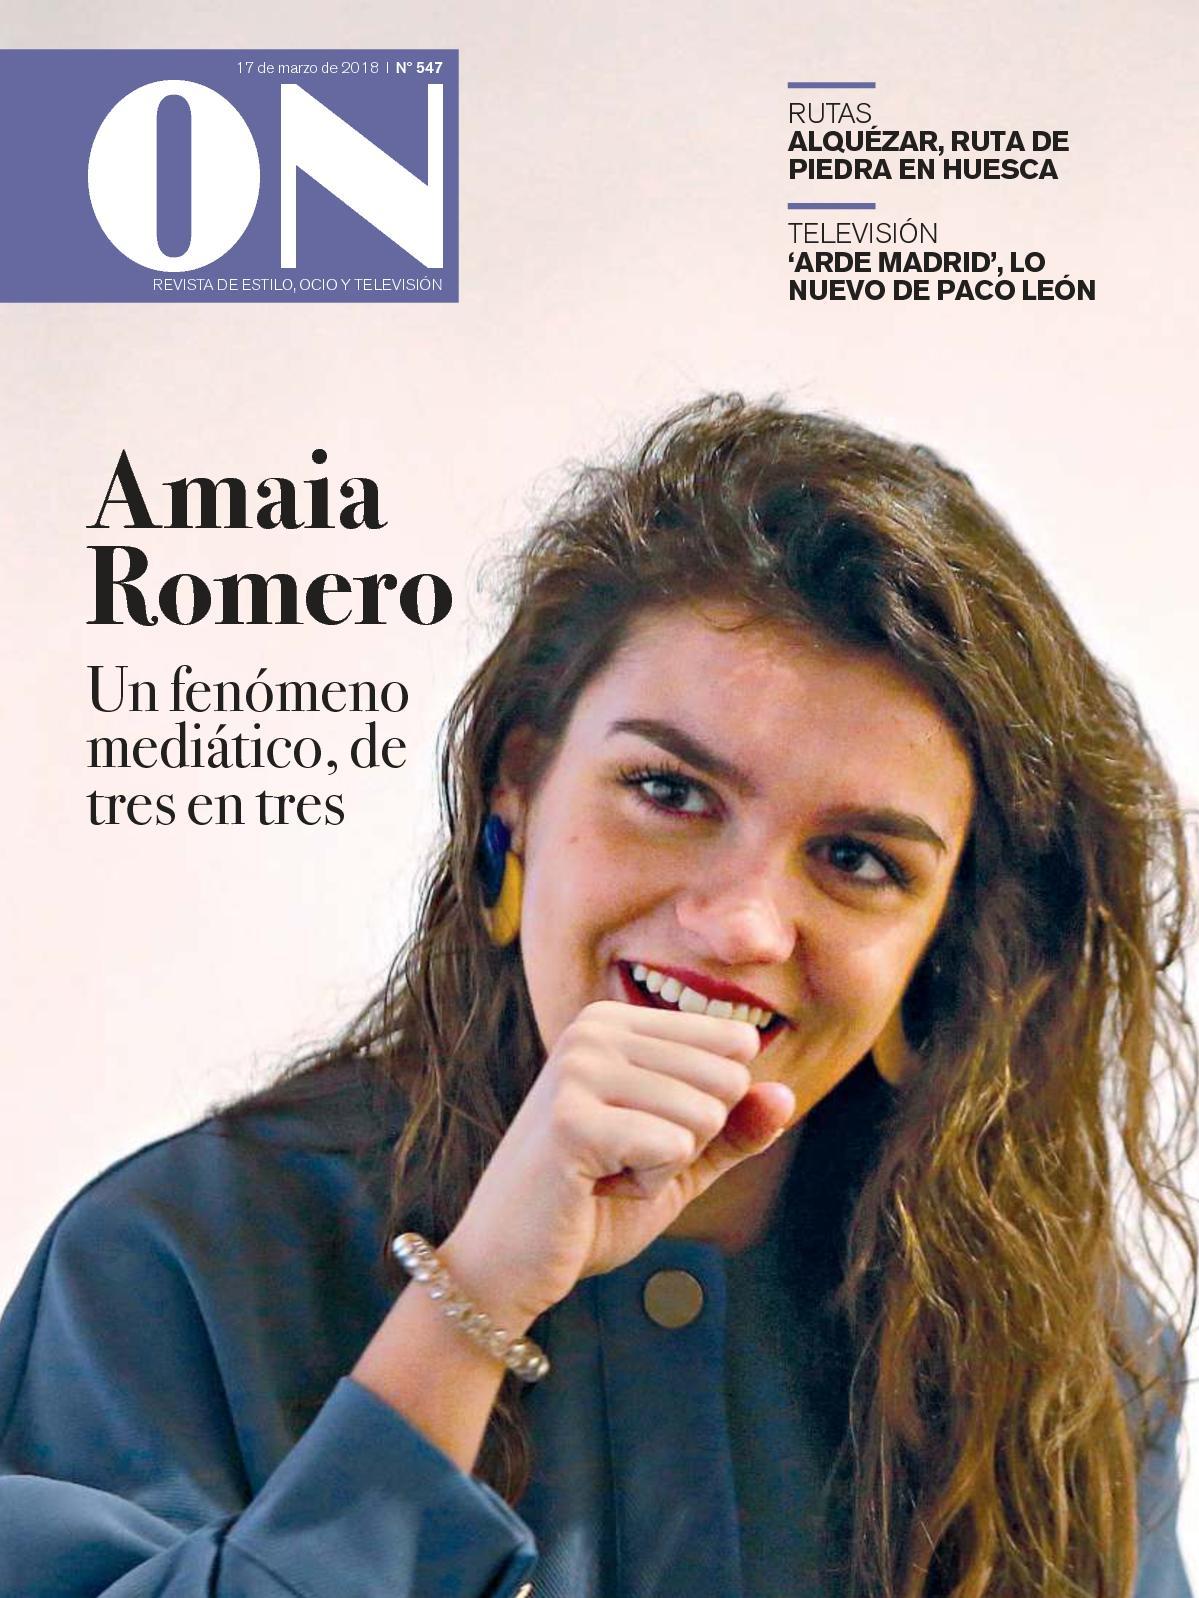 De Revista Y 20180317 Ocio Estilo On Calaméo I7vb6gyYf